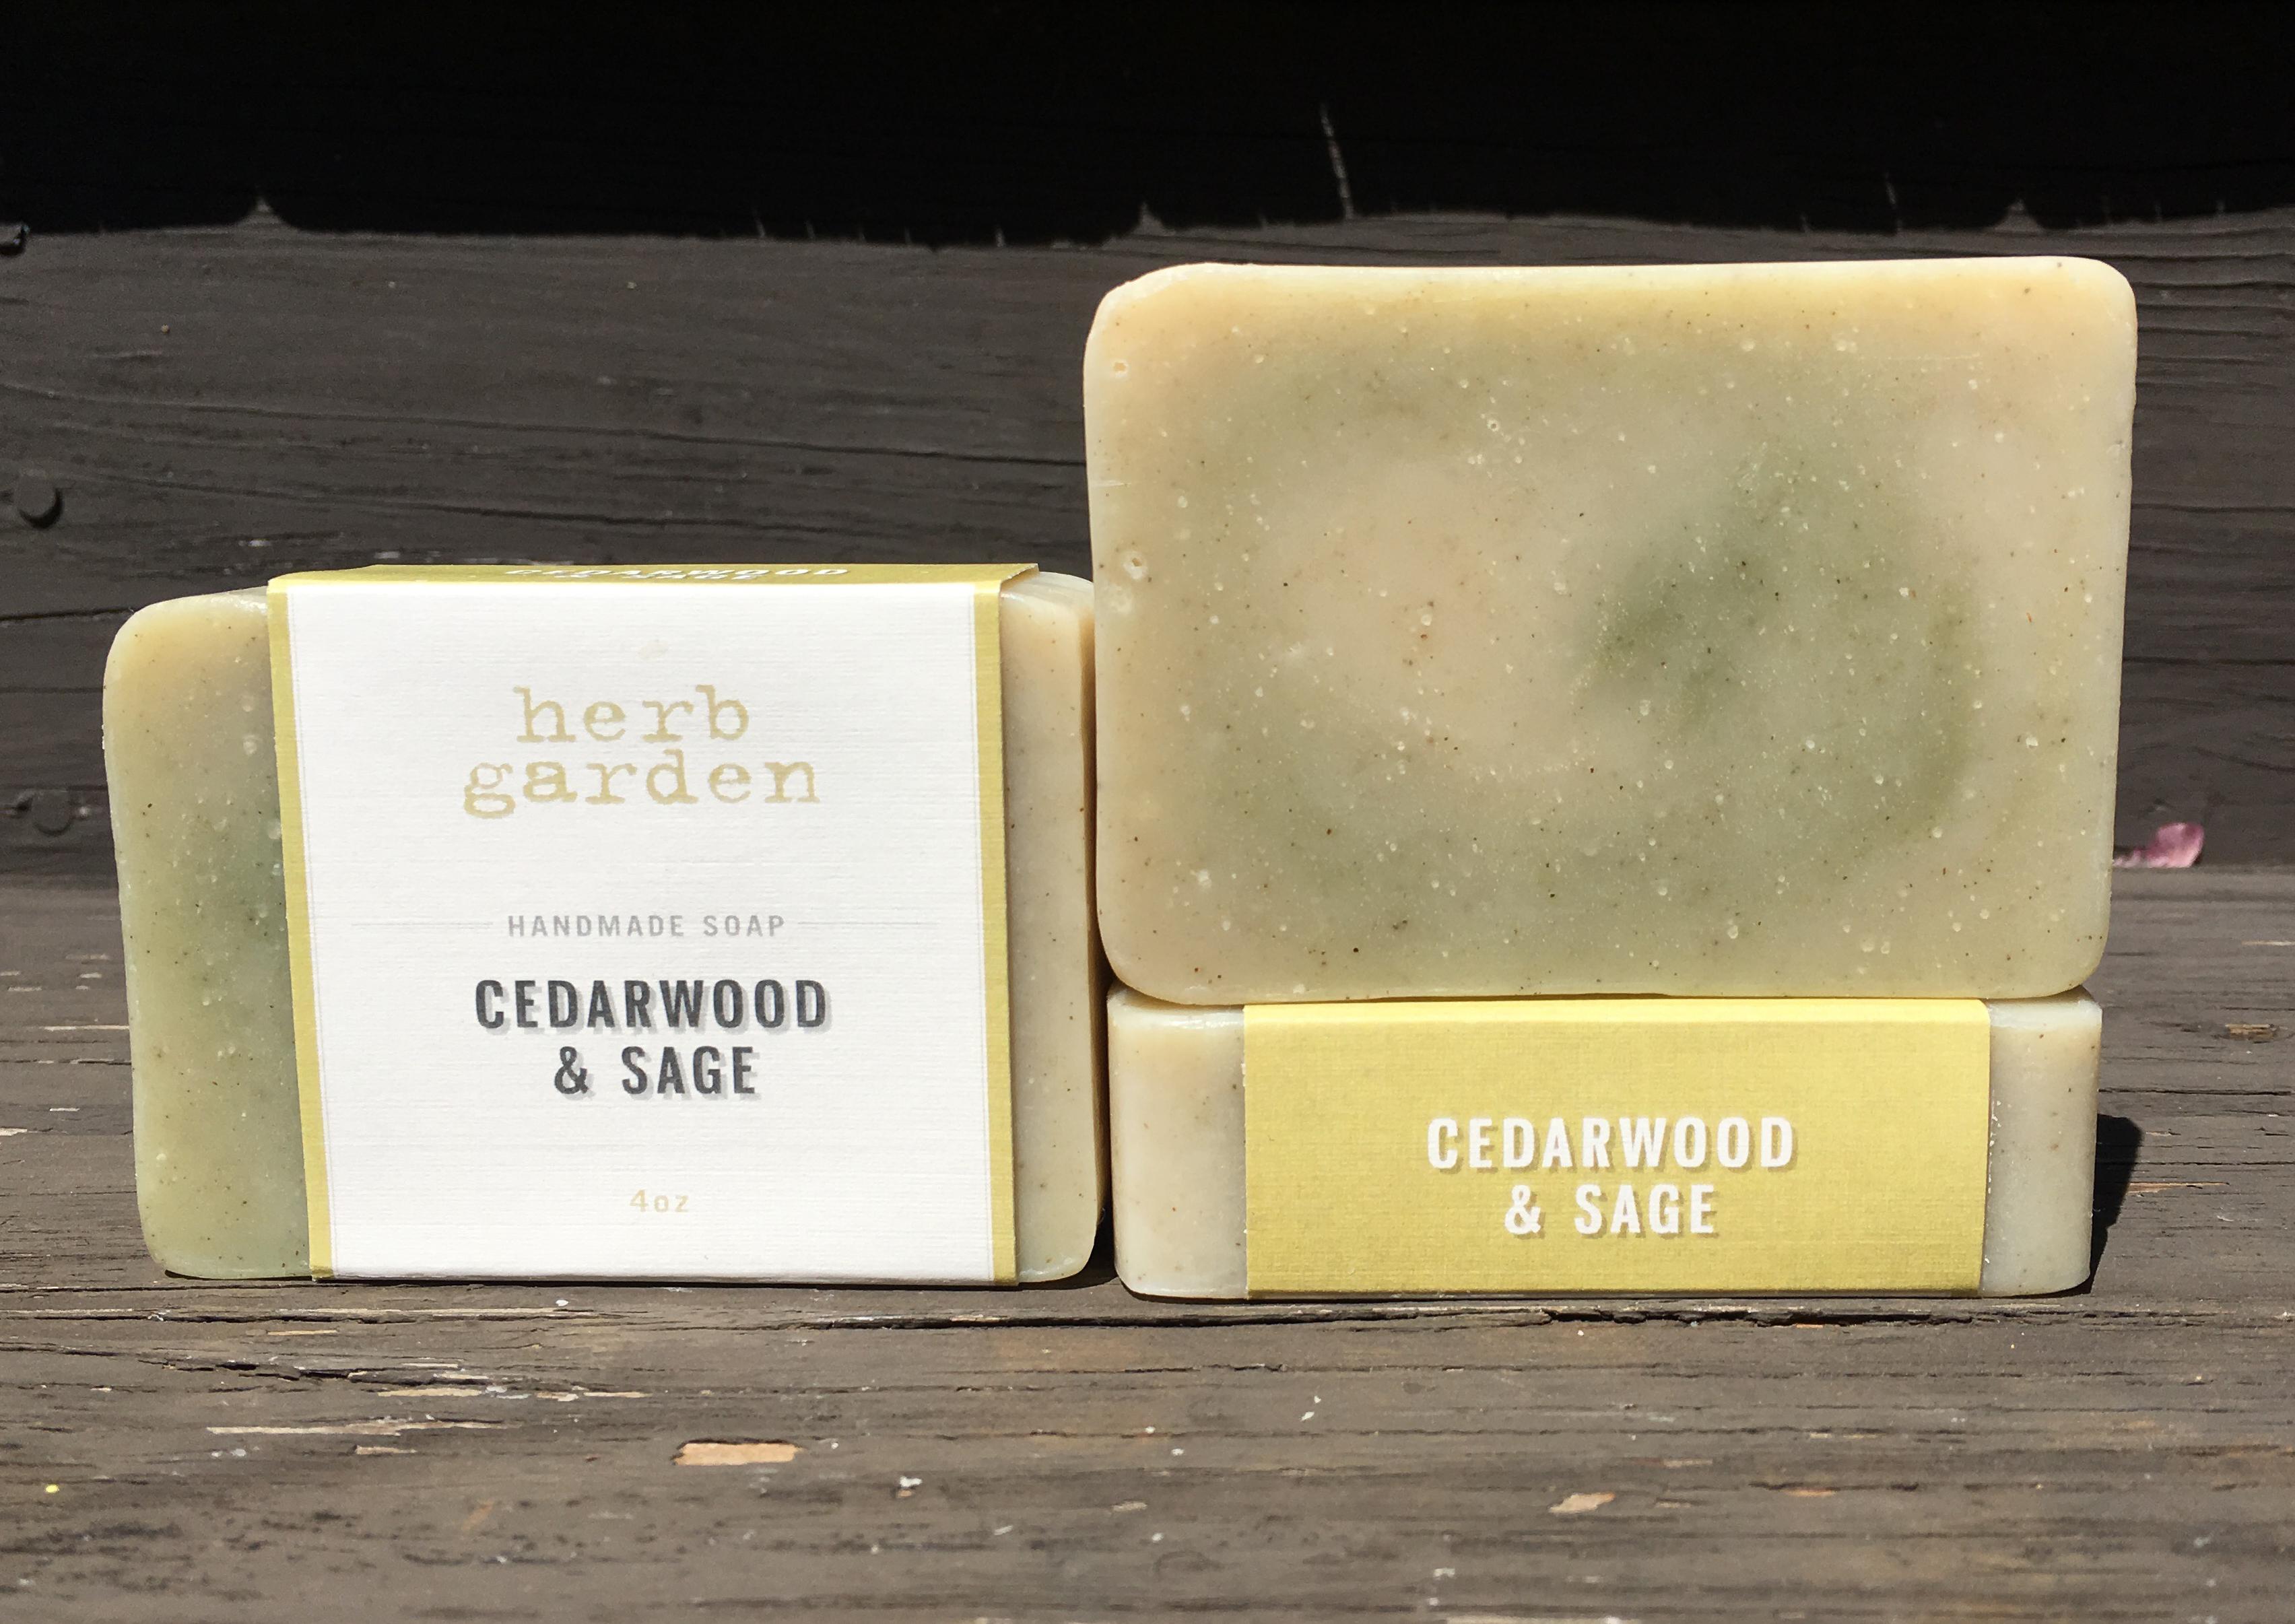 Cedarwood & Sage